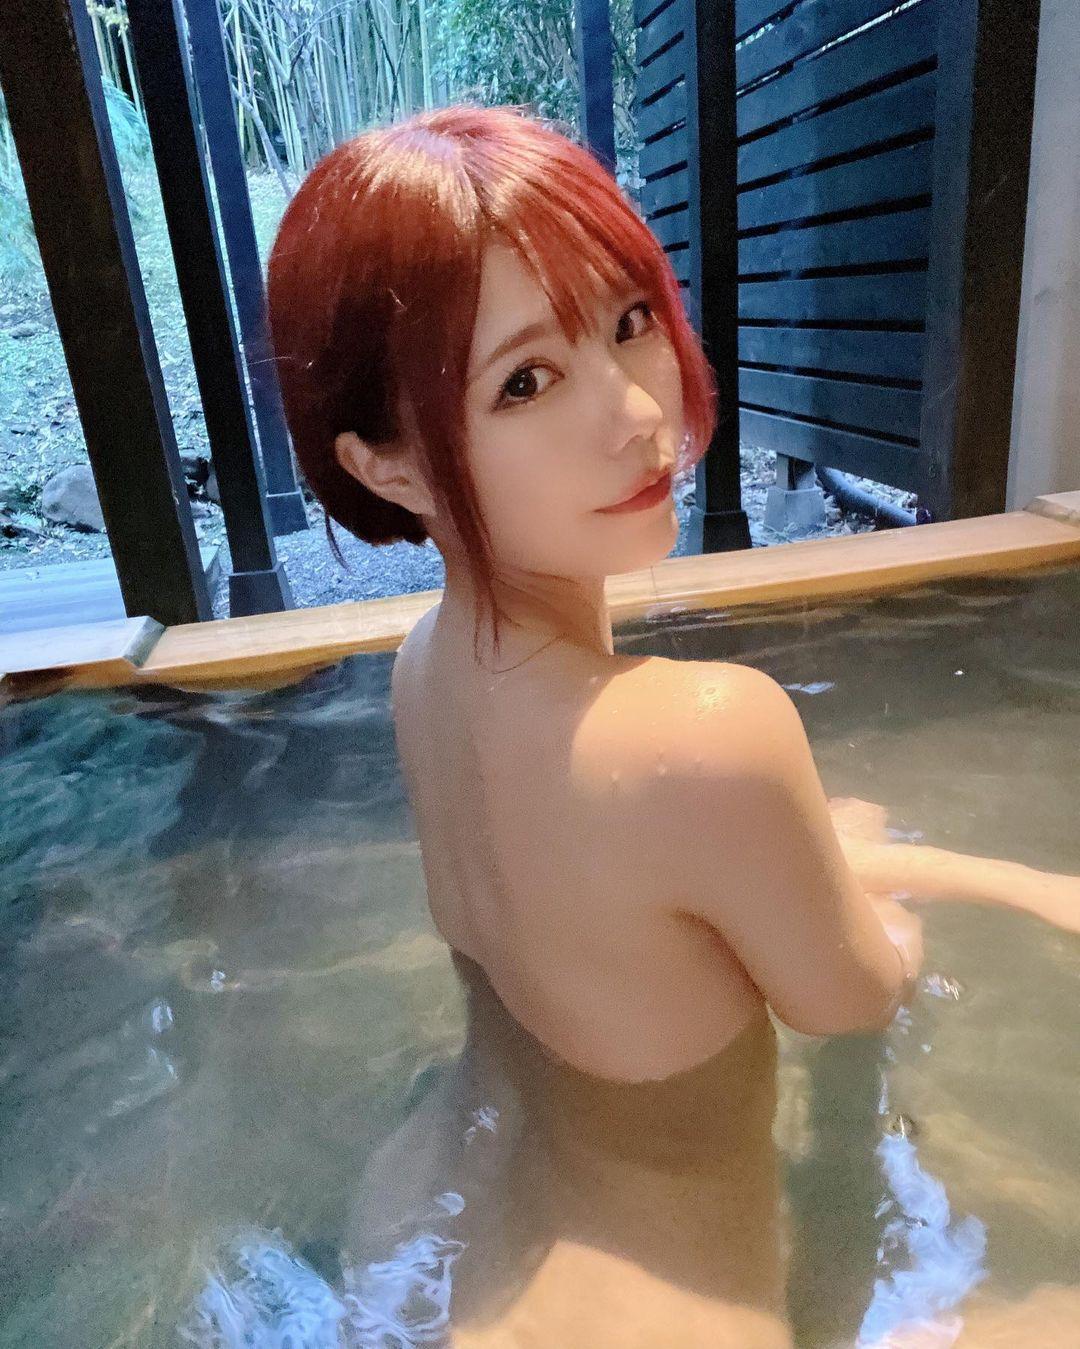 「早く温泉に行きたいなぁ」セクシーな美背中ショットを公開【オシリスさん/2021年2月2日】